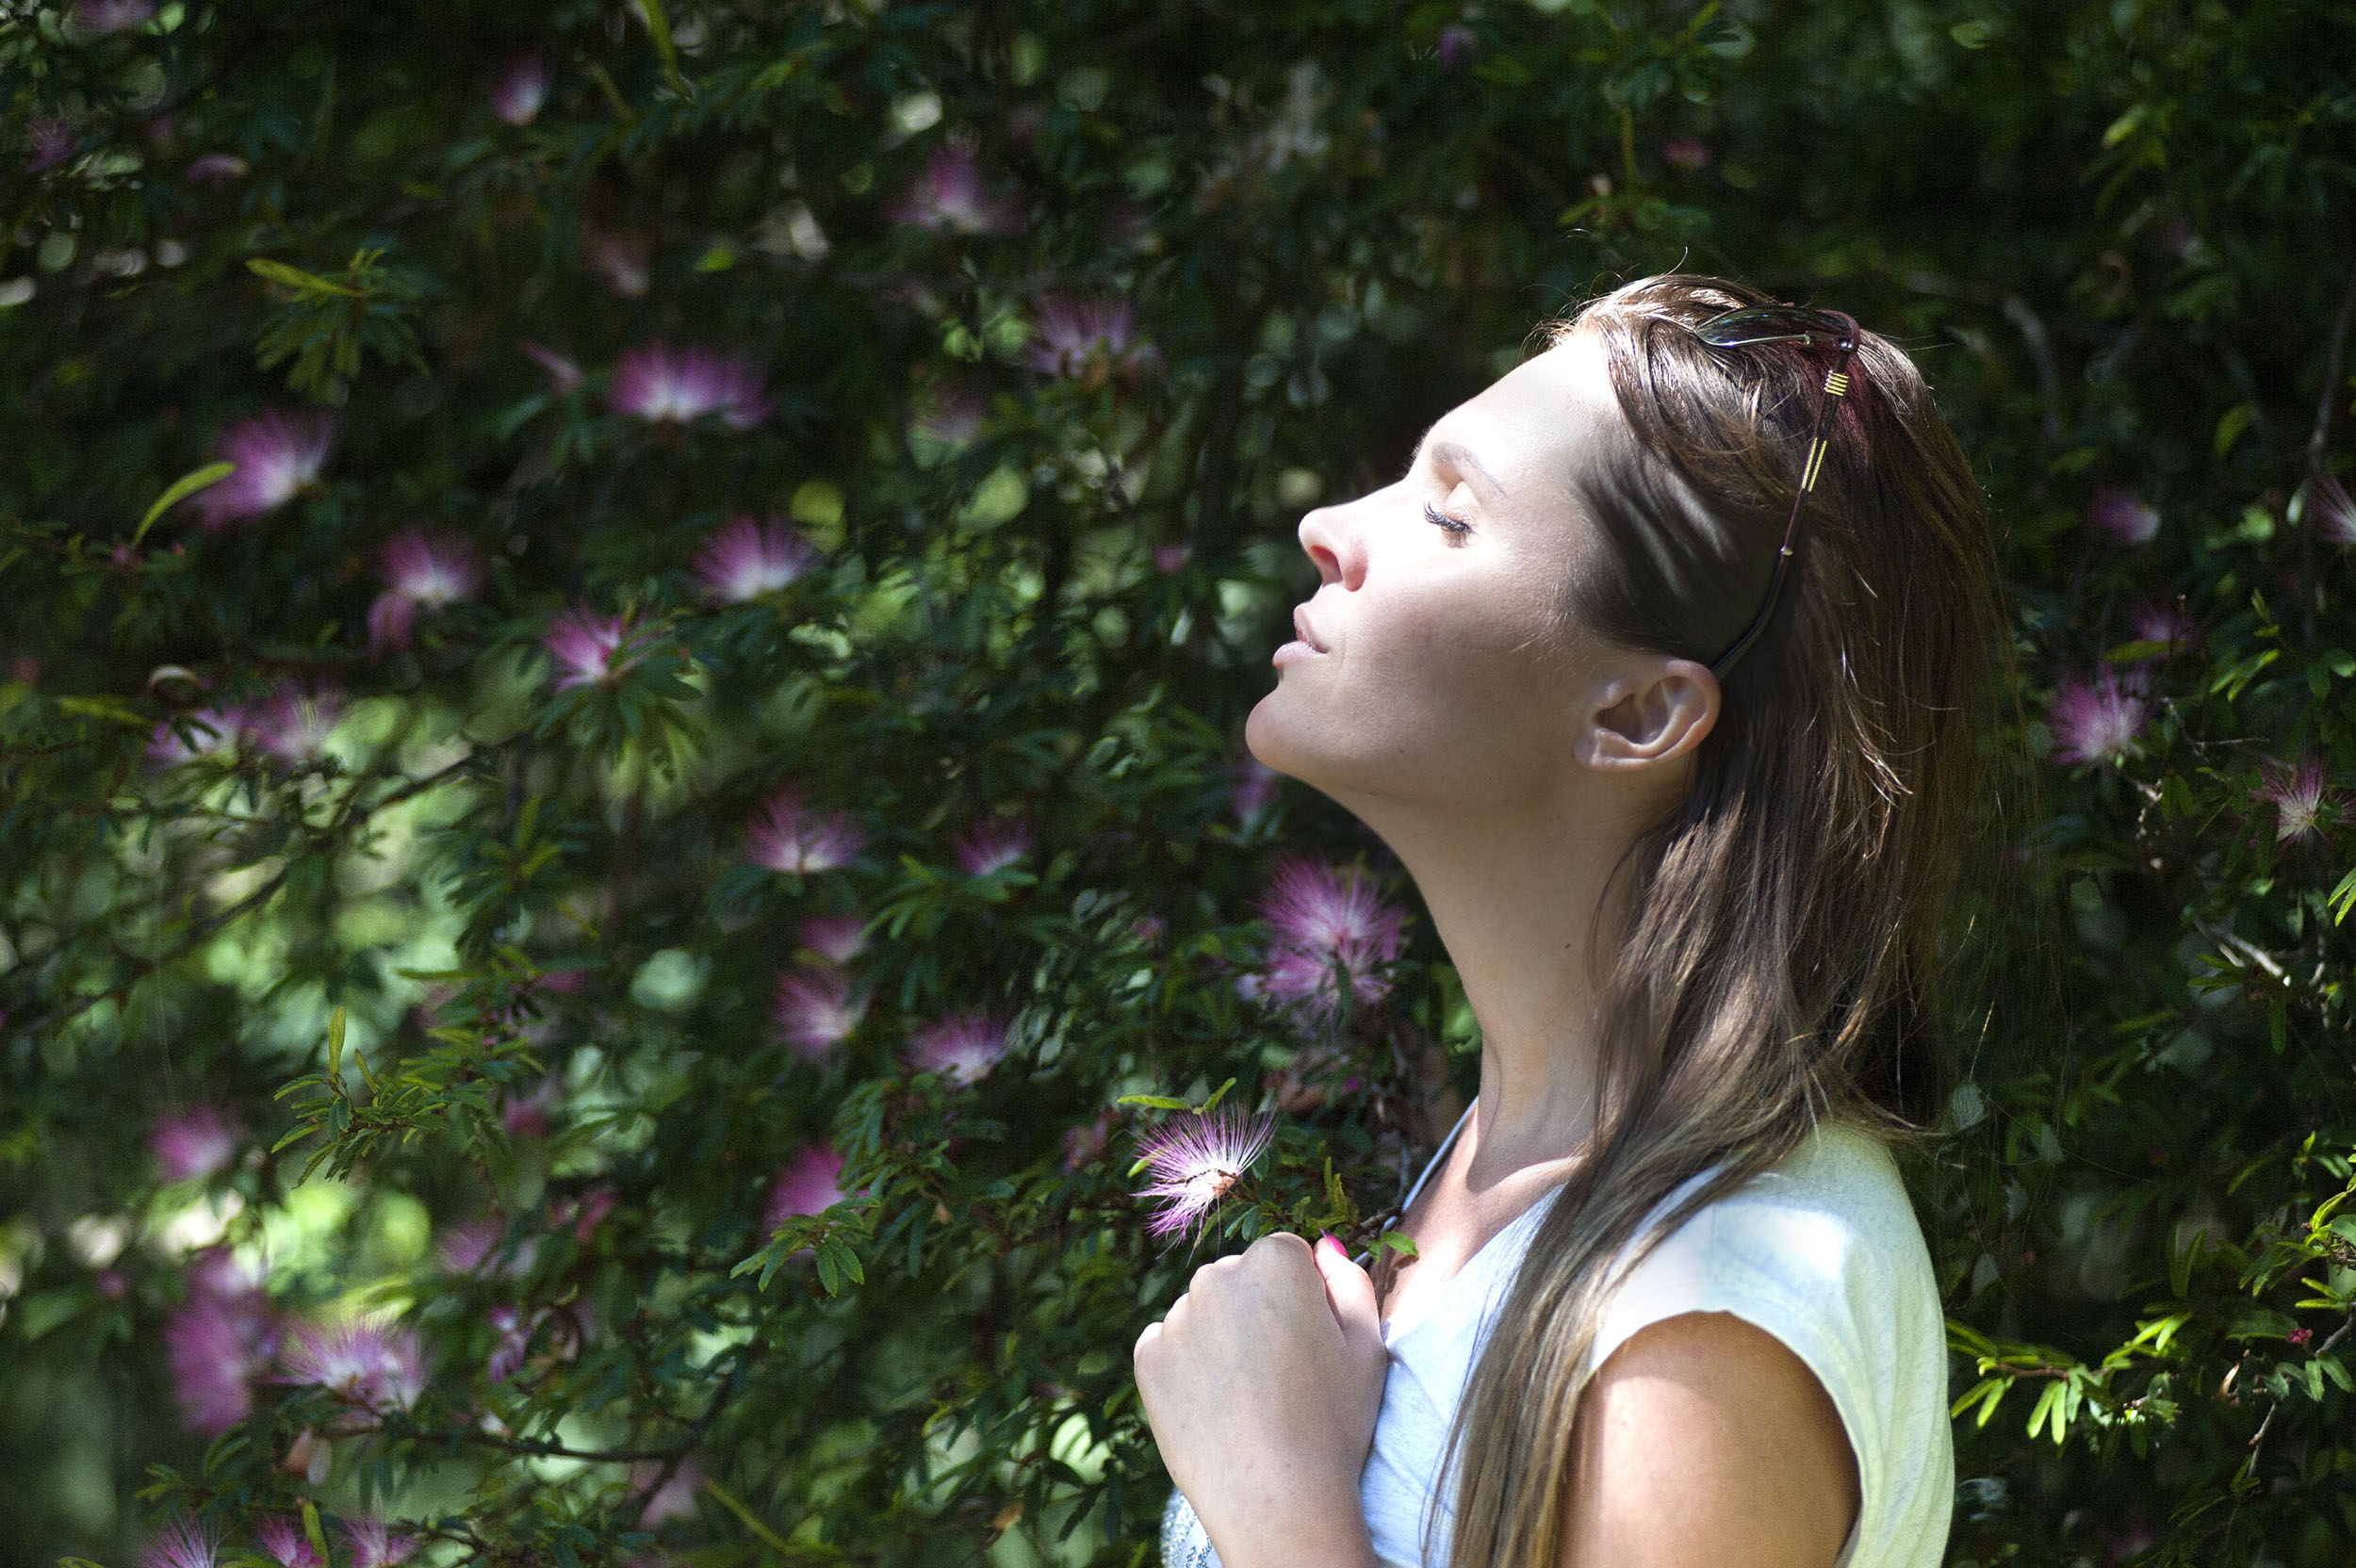 De kracht van gecontroleerde ademhaling